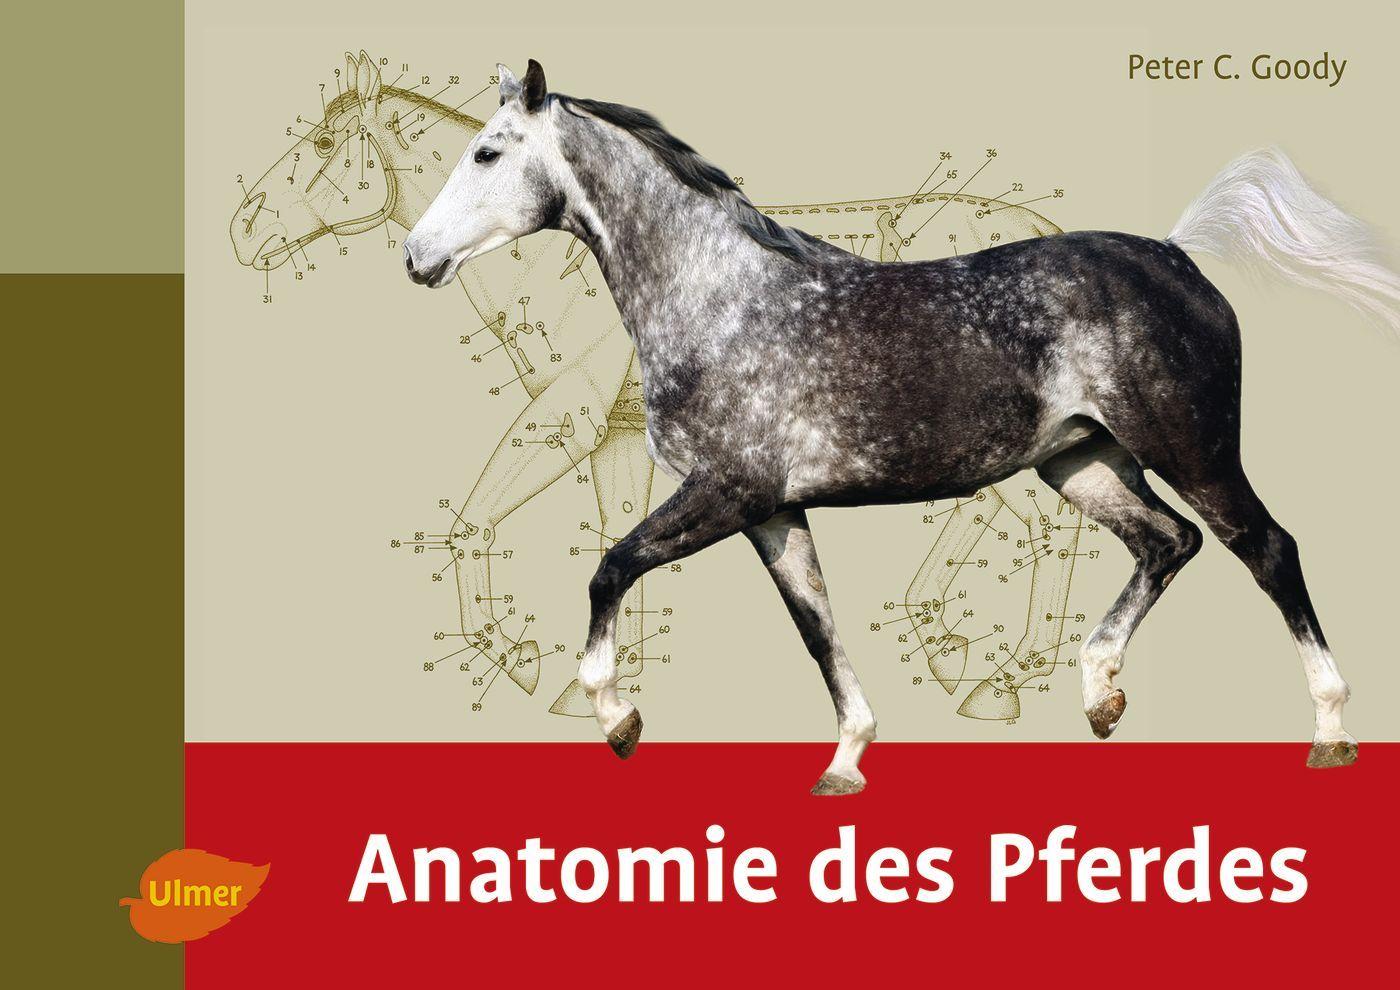 Anatomie des Pferdes von Goody, Peter C.: